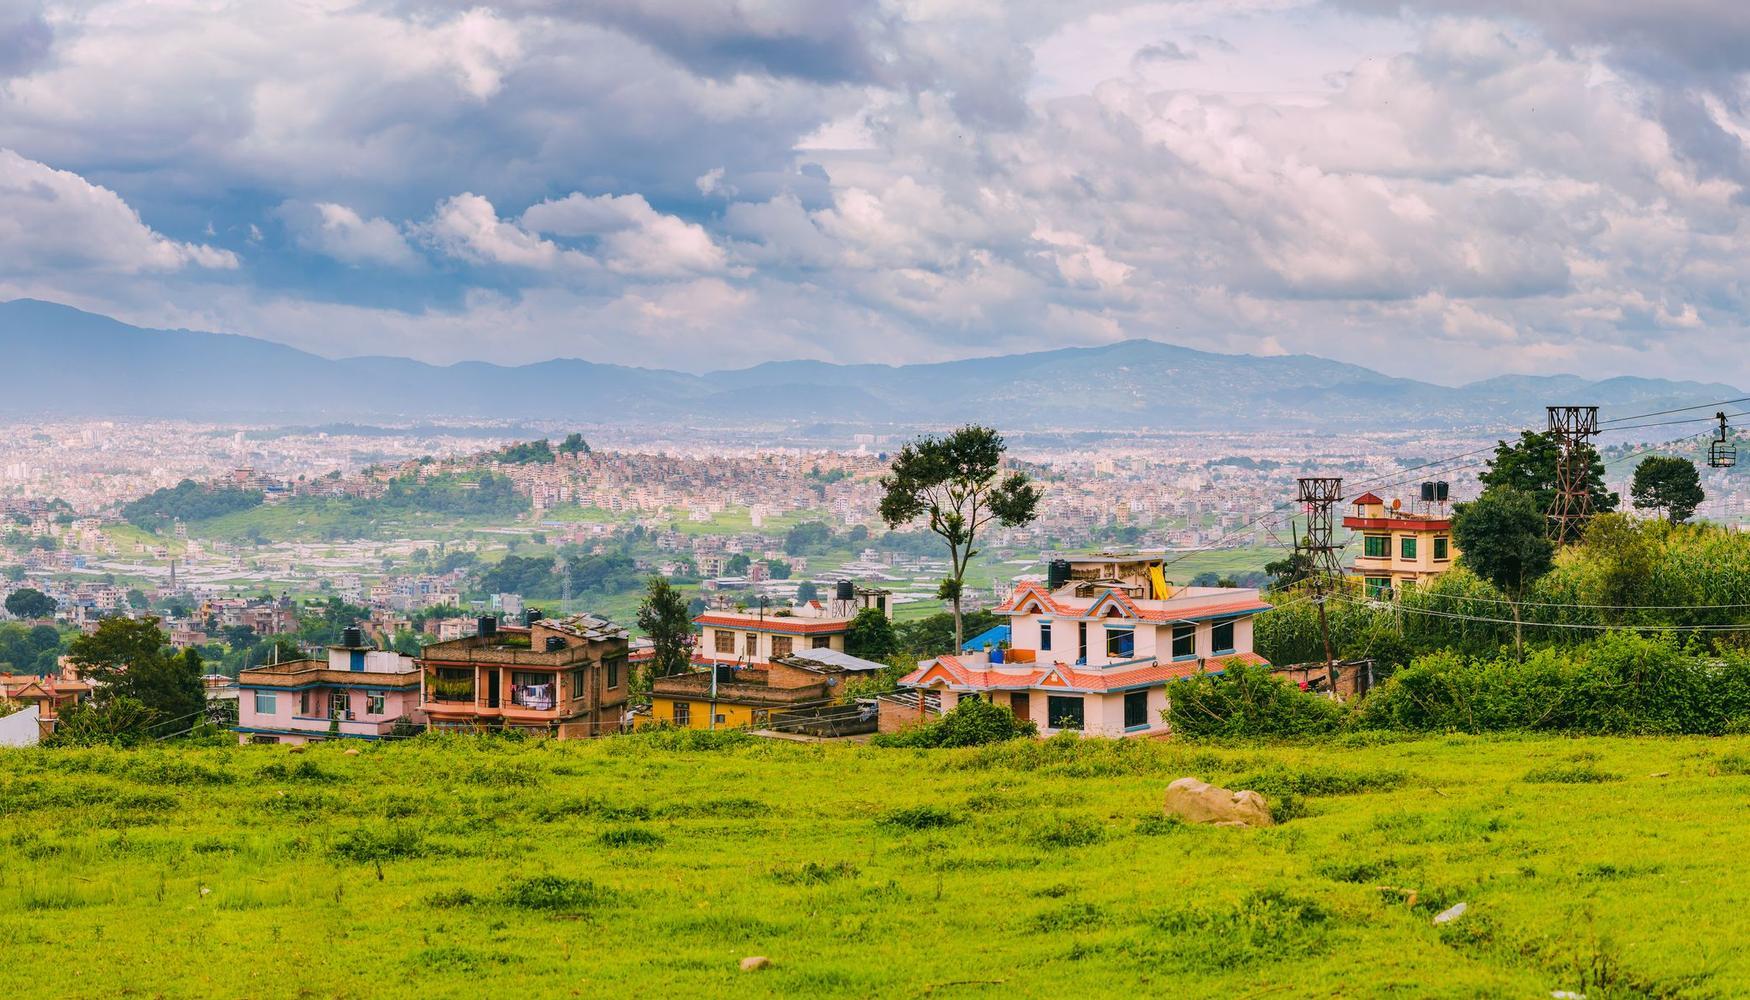 Alquiler de coches en Aeropuerto Katmandú Tribhuvan